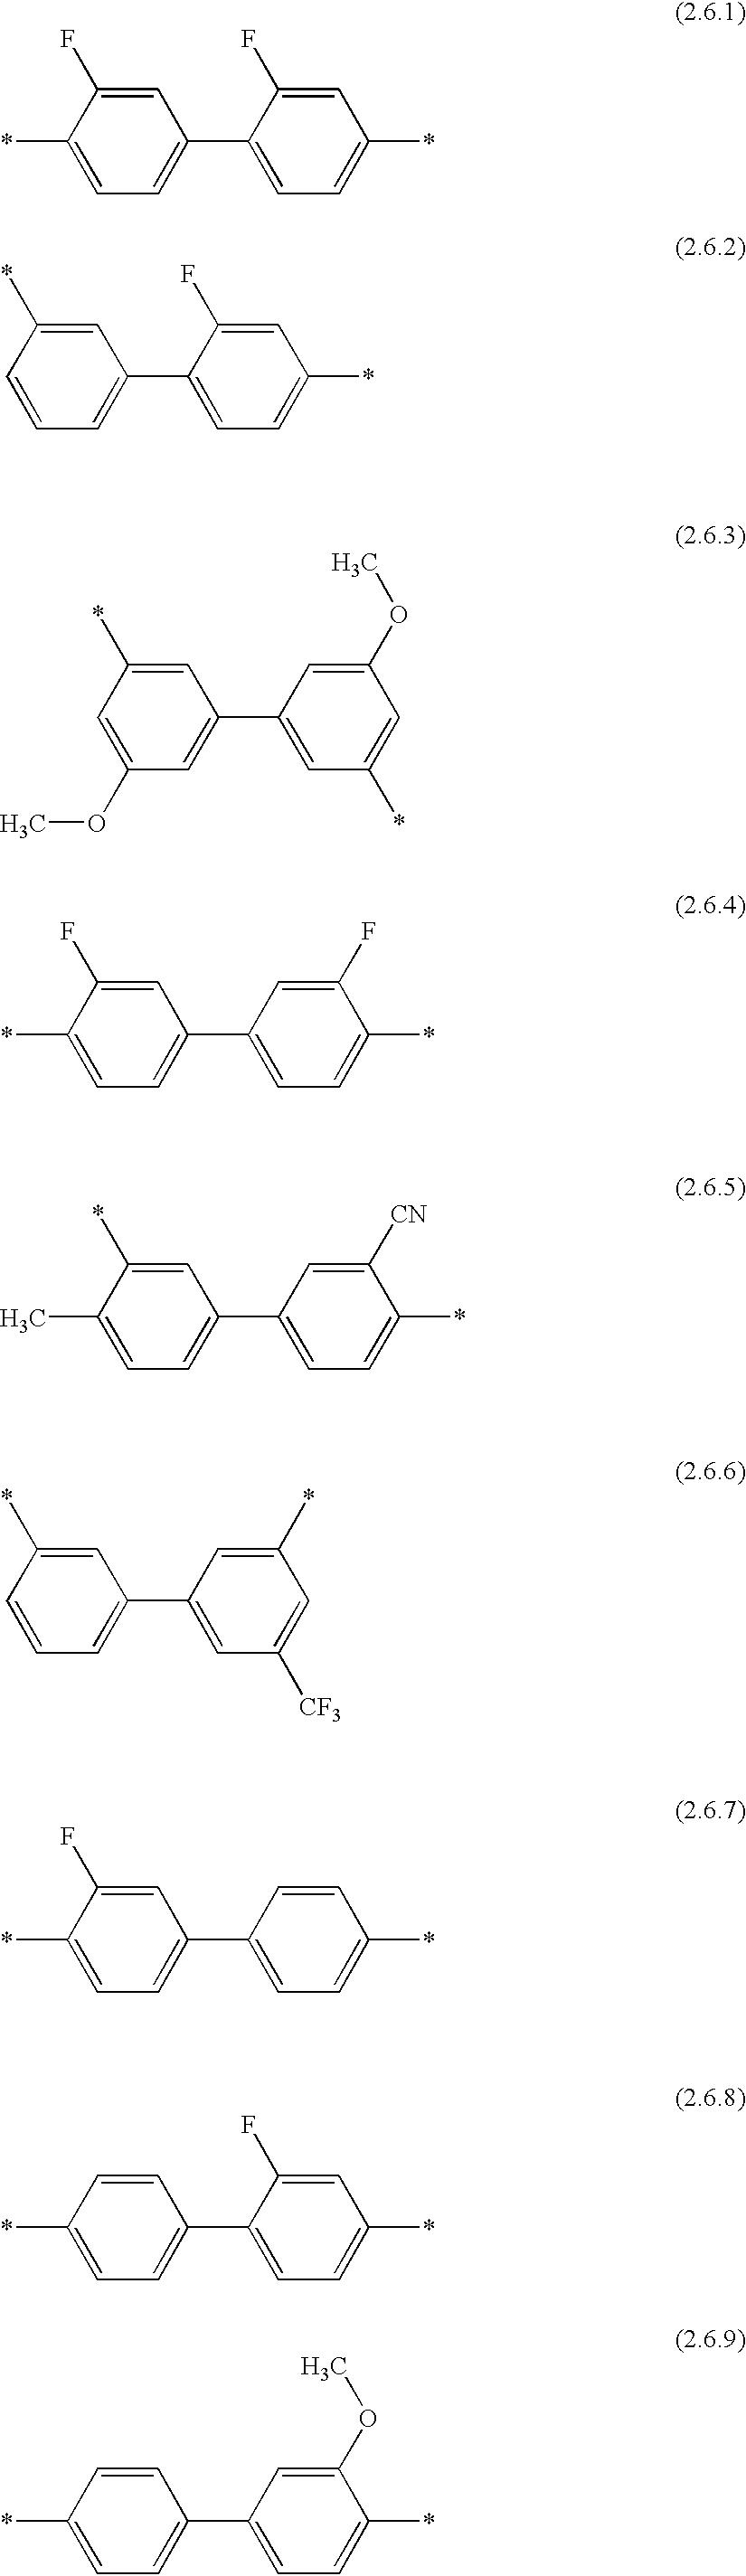 Figure US20030186974A1-20031002-C00122